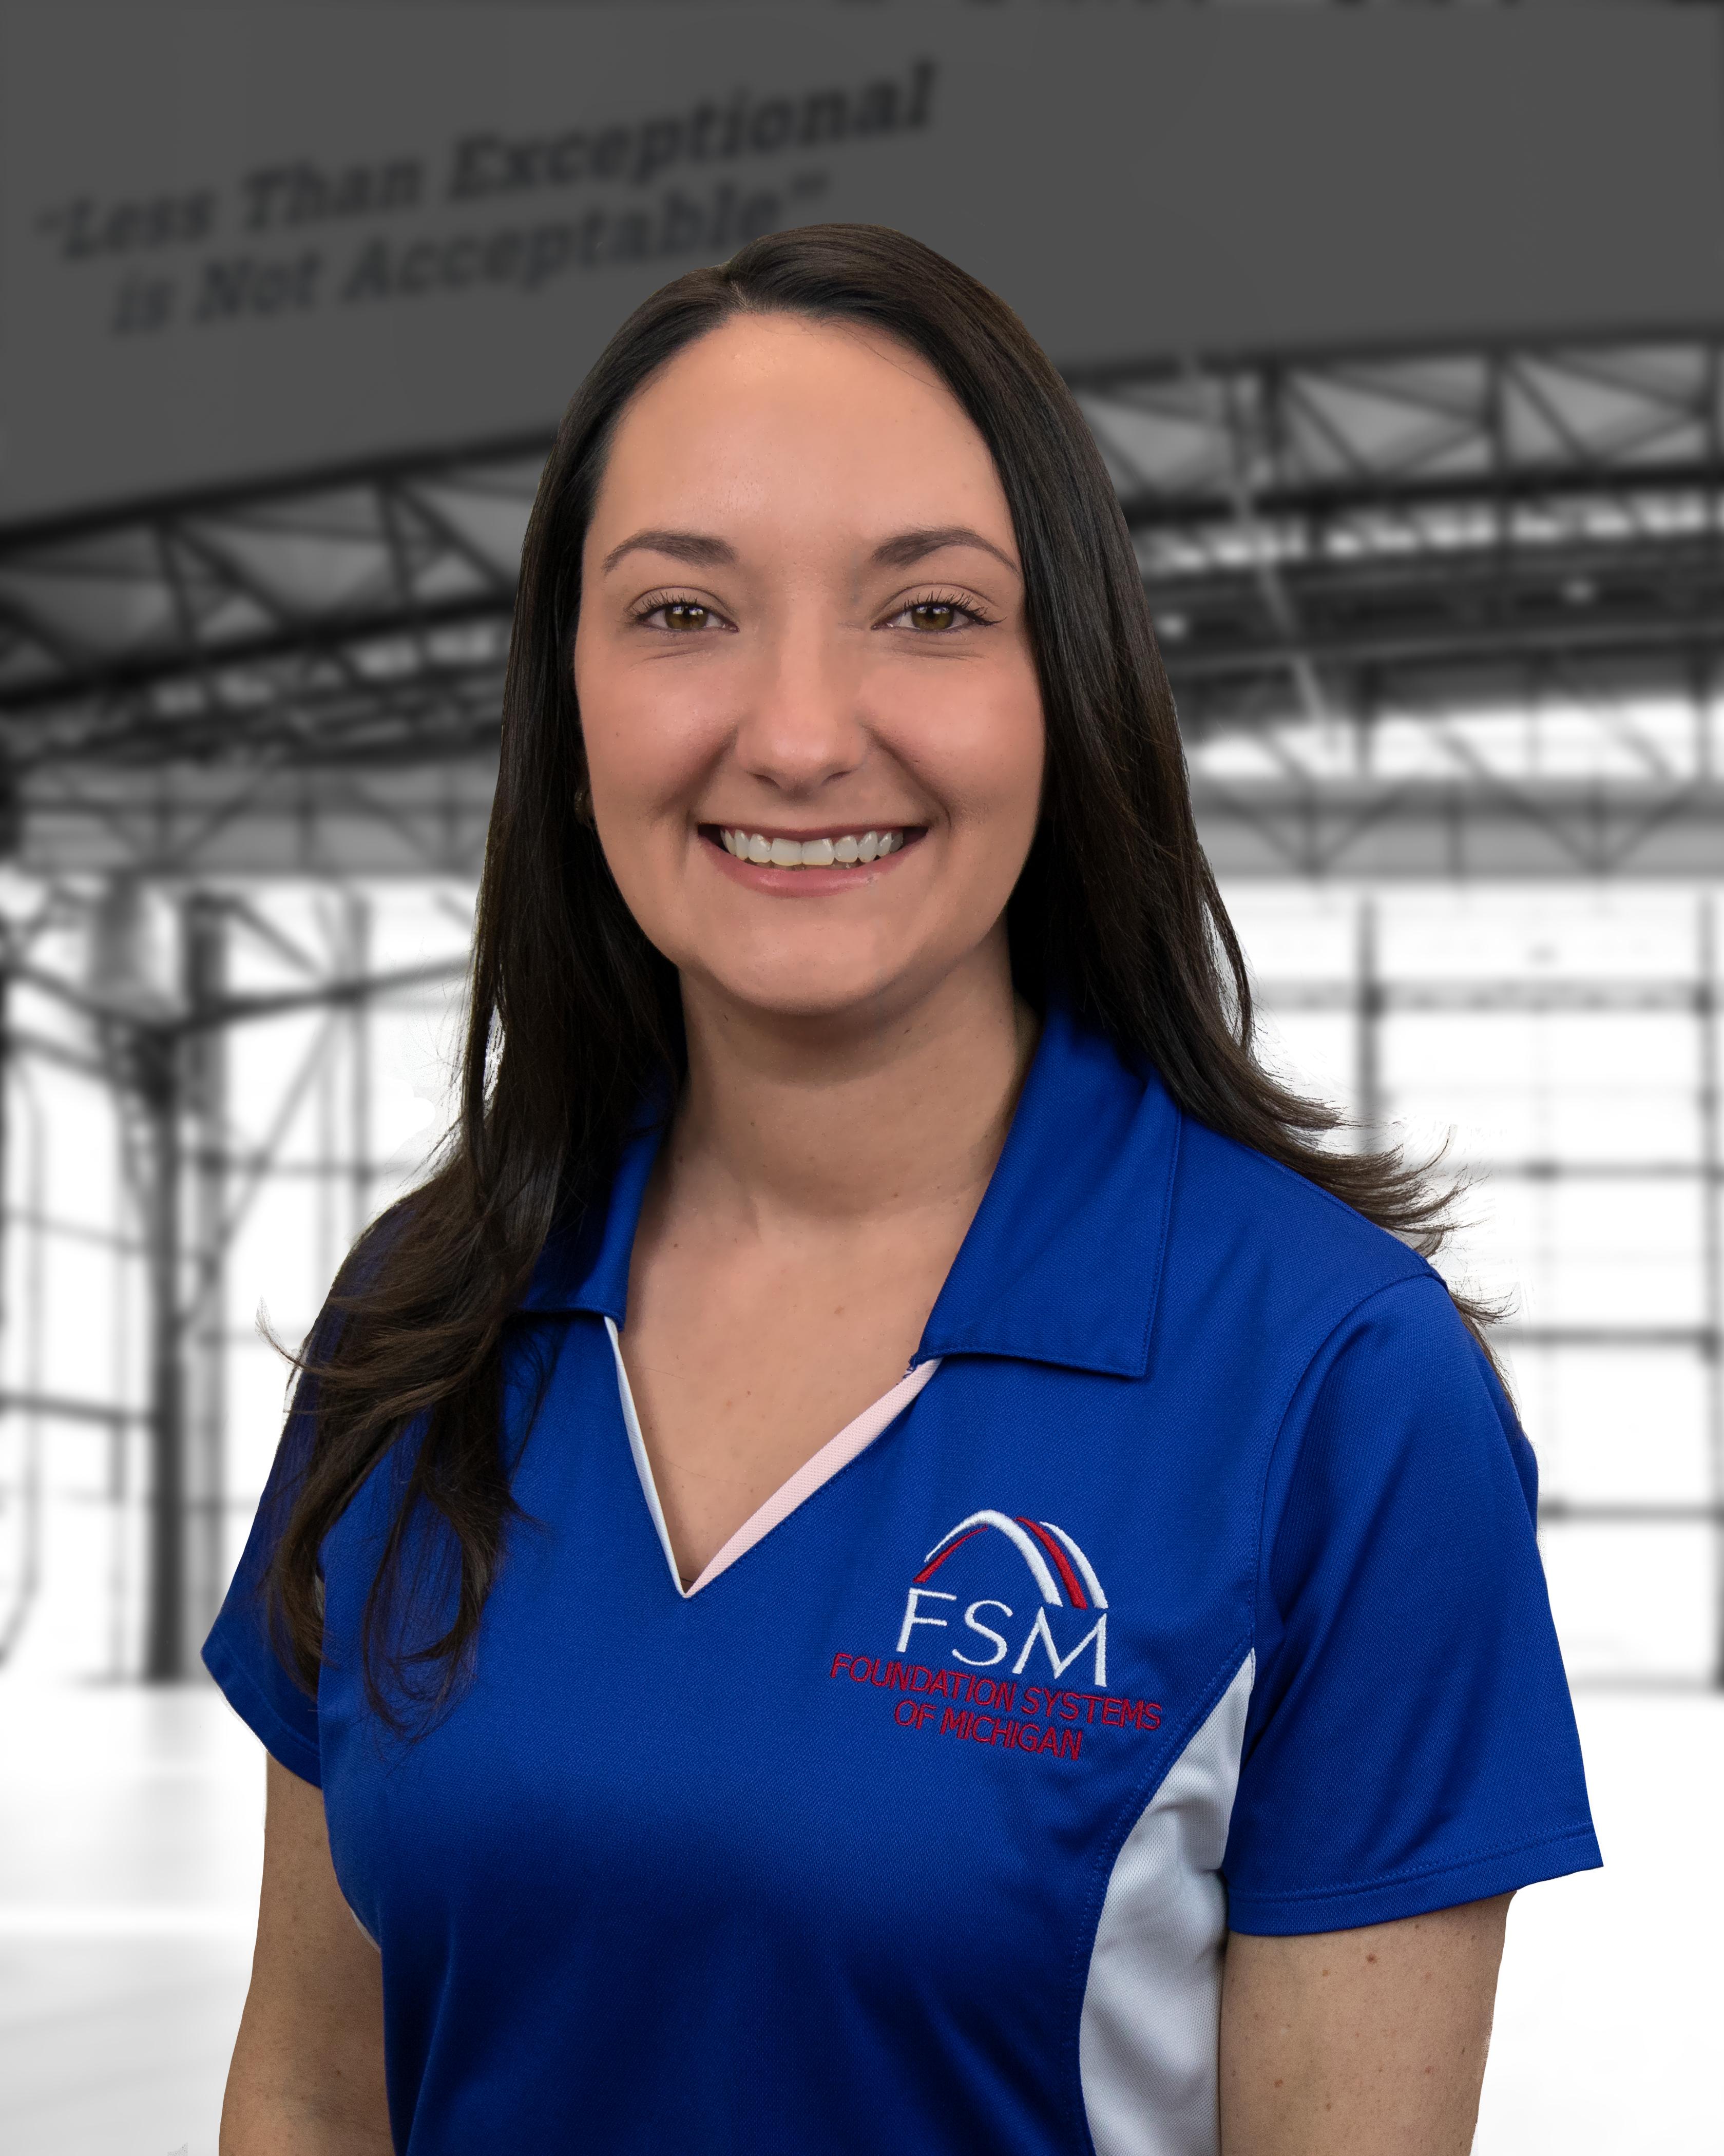 FSM Jenn Medina Permit Coordinator